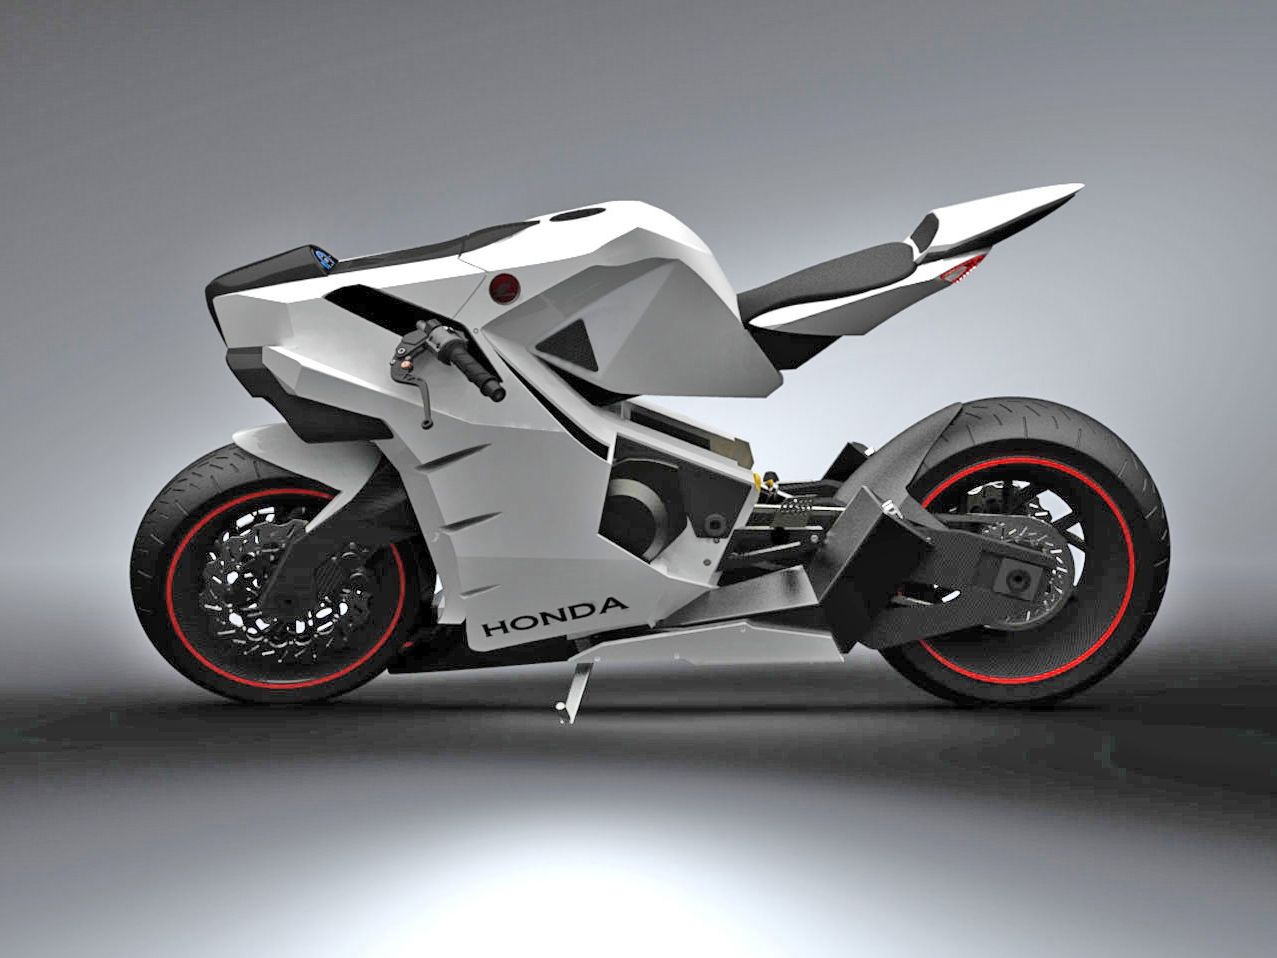 Les motos et deux roues concepts des plus grandes marques moto scooter motos d 39 occasion - Image moto sportive ...